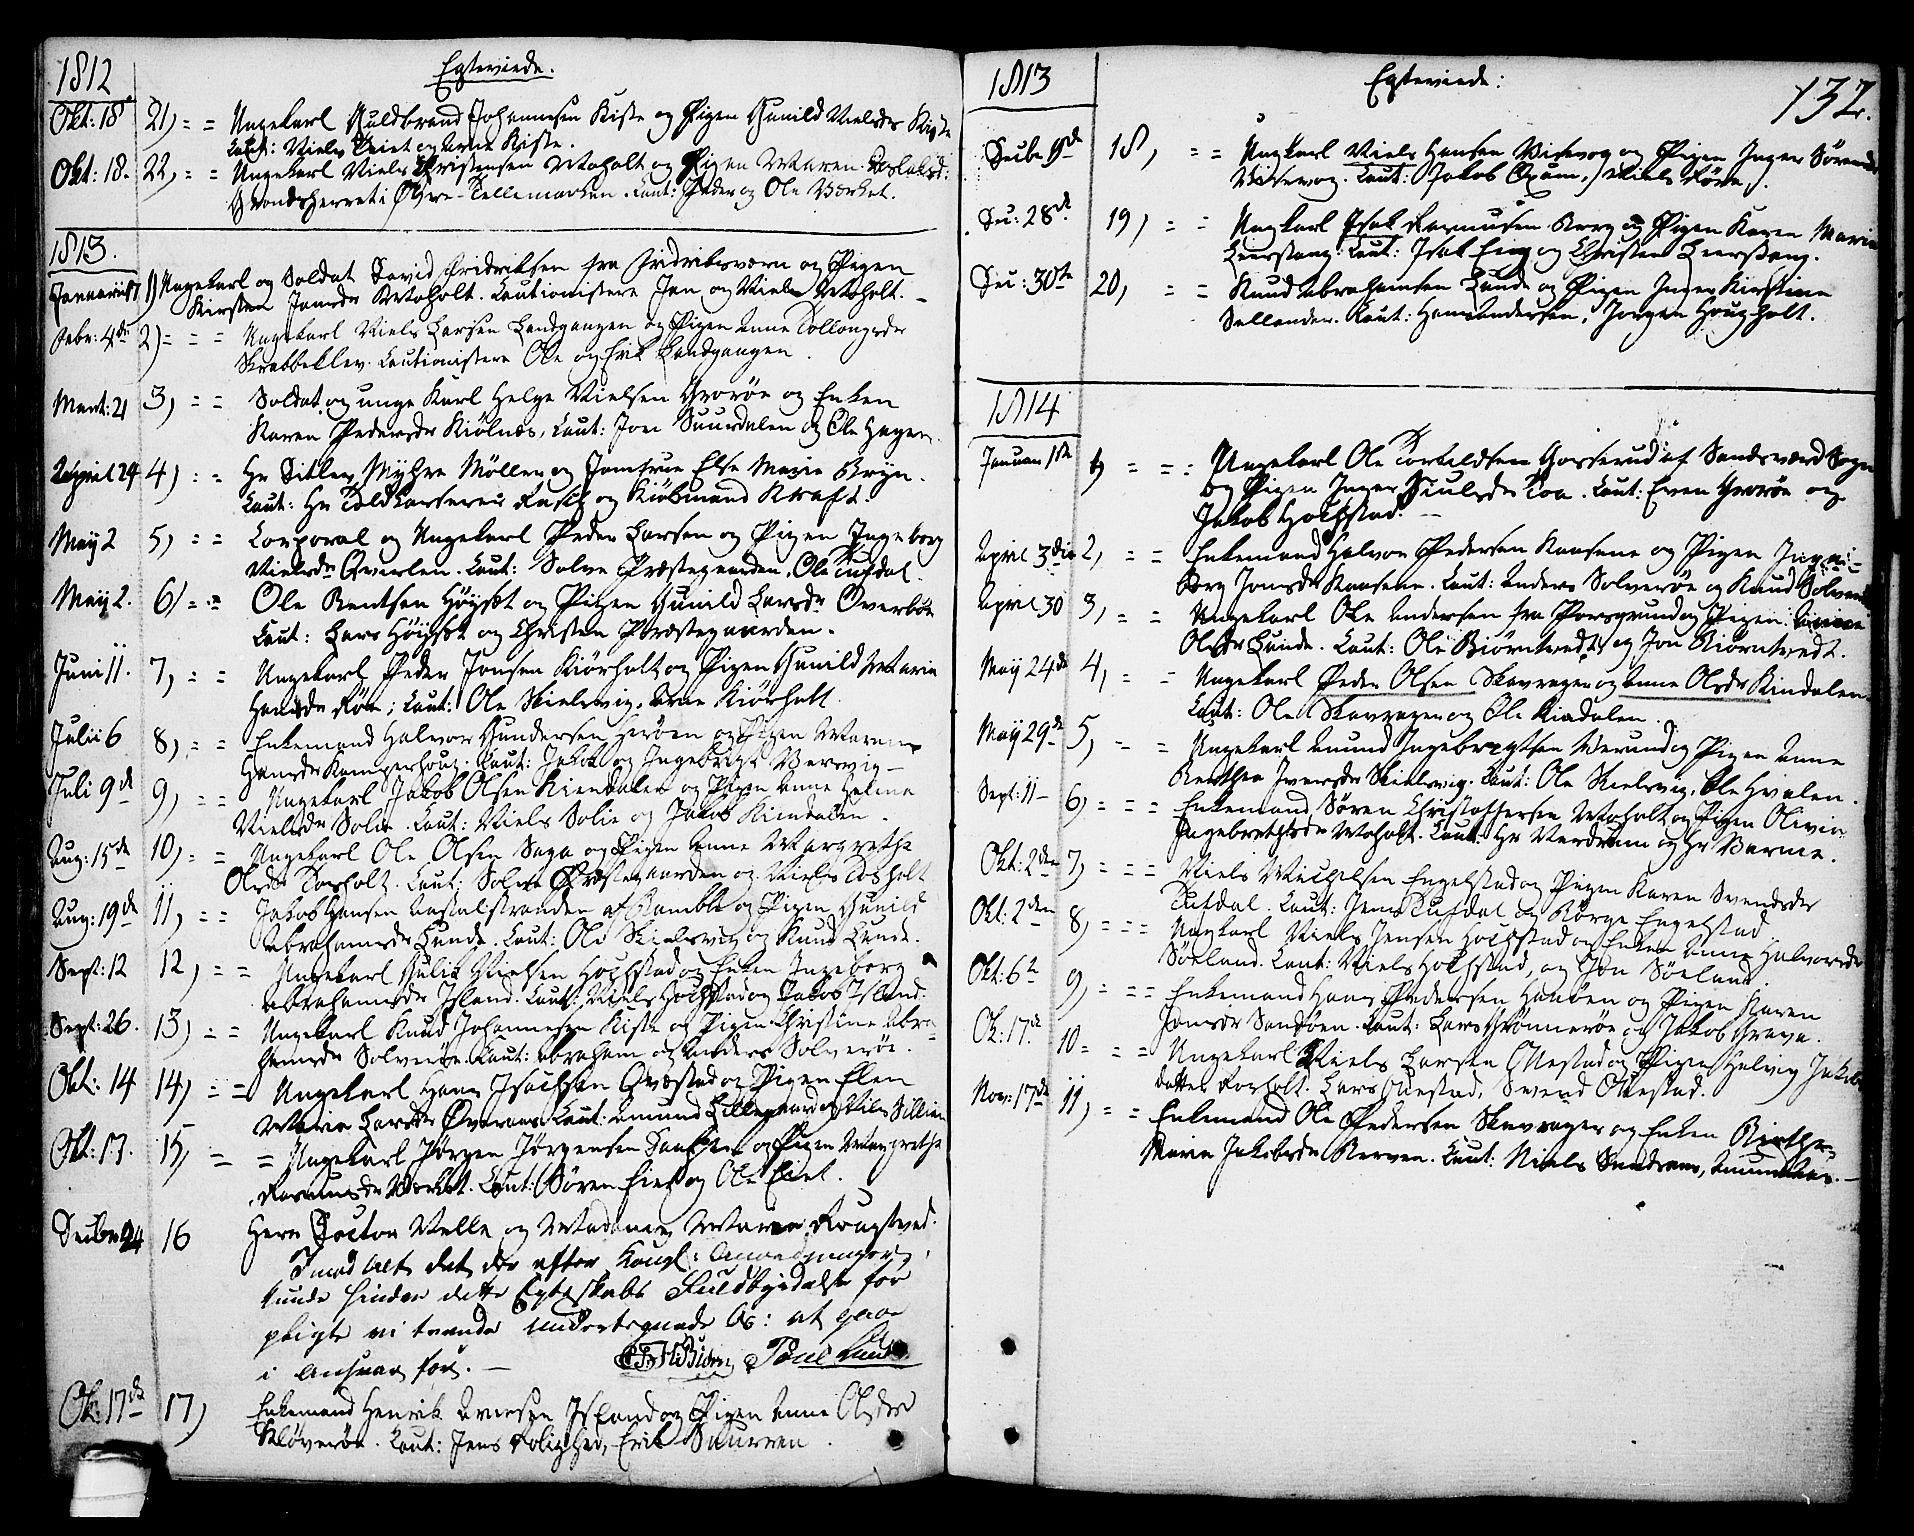 SAKO, Eidanger kirkebøker, F/Fa/L0006: Ministerialbok nr. 6, 1764-1814, s. 132